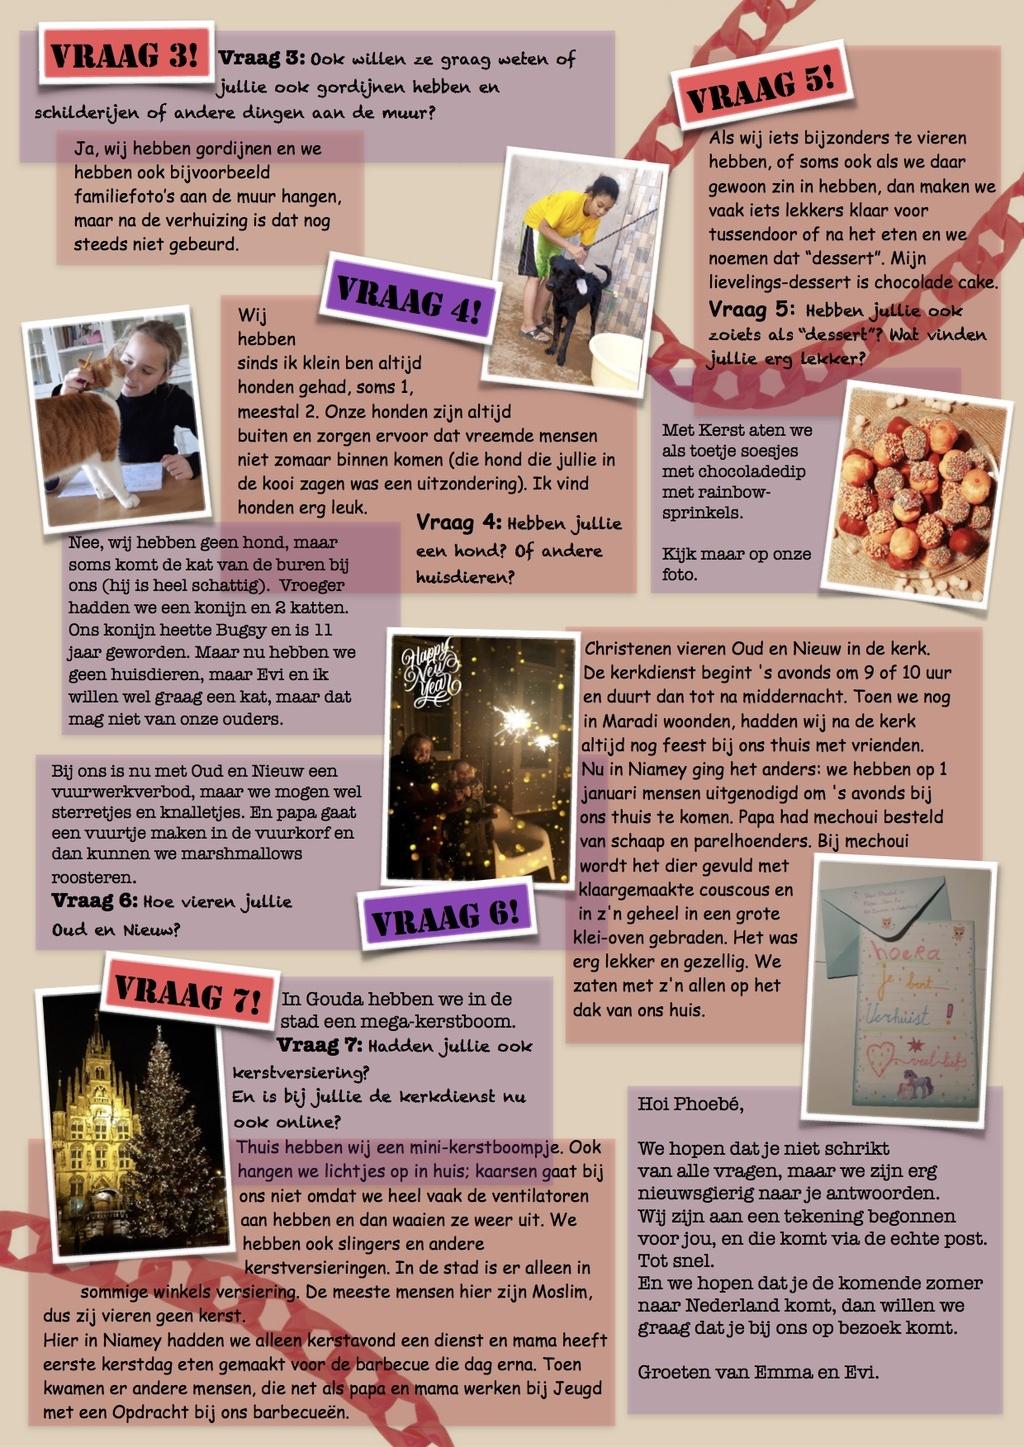 blz 2 special for kids deel 2